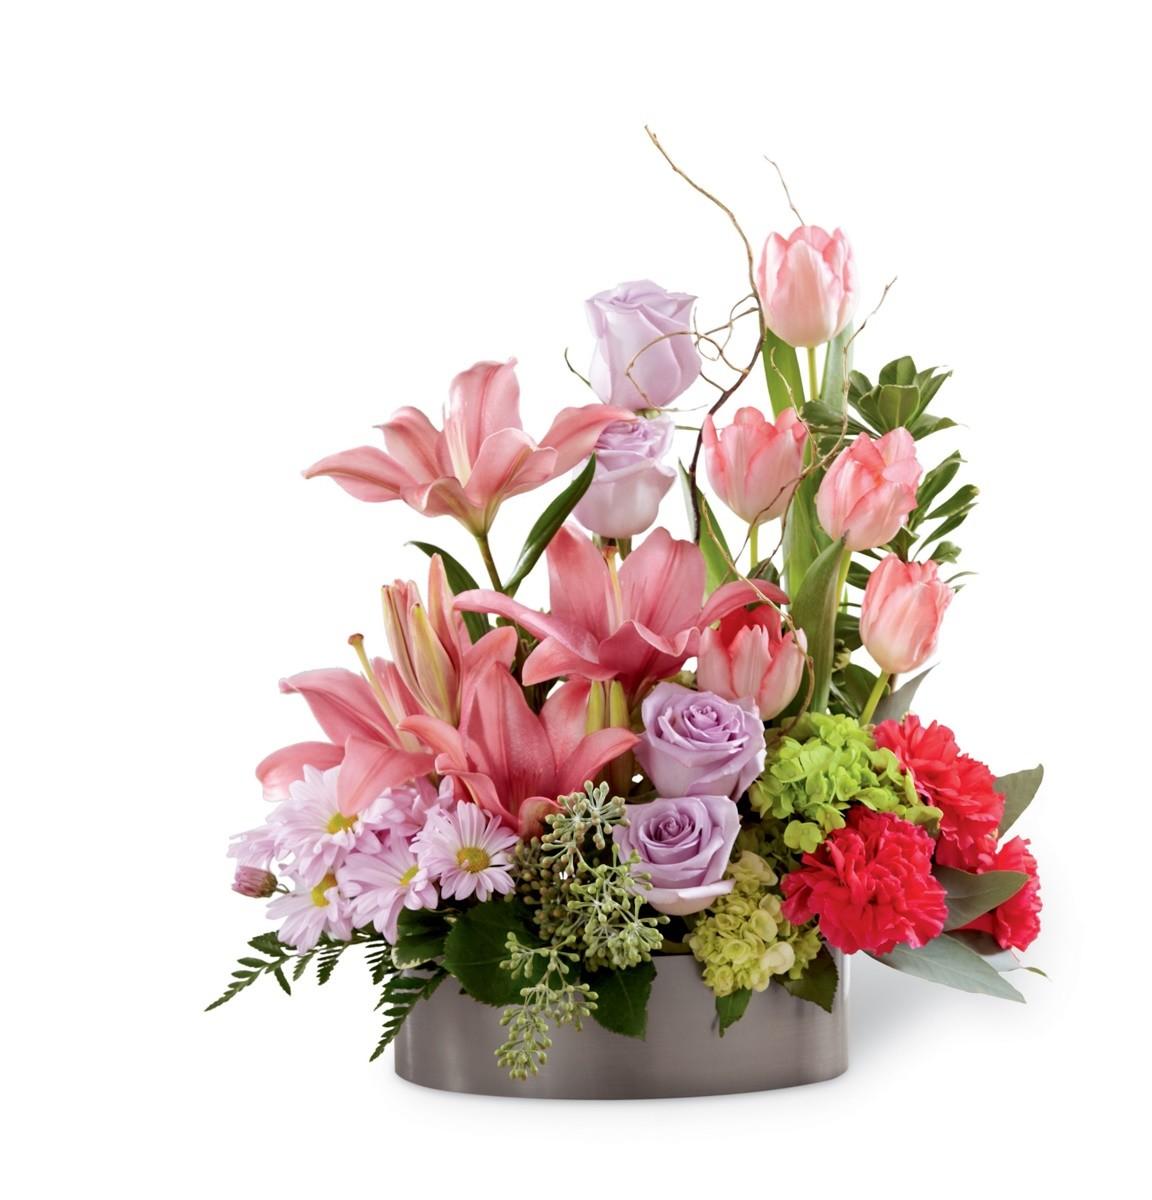 The ftd garden of grace™ … nashua nh florist